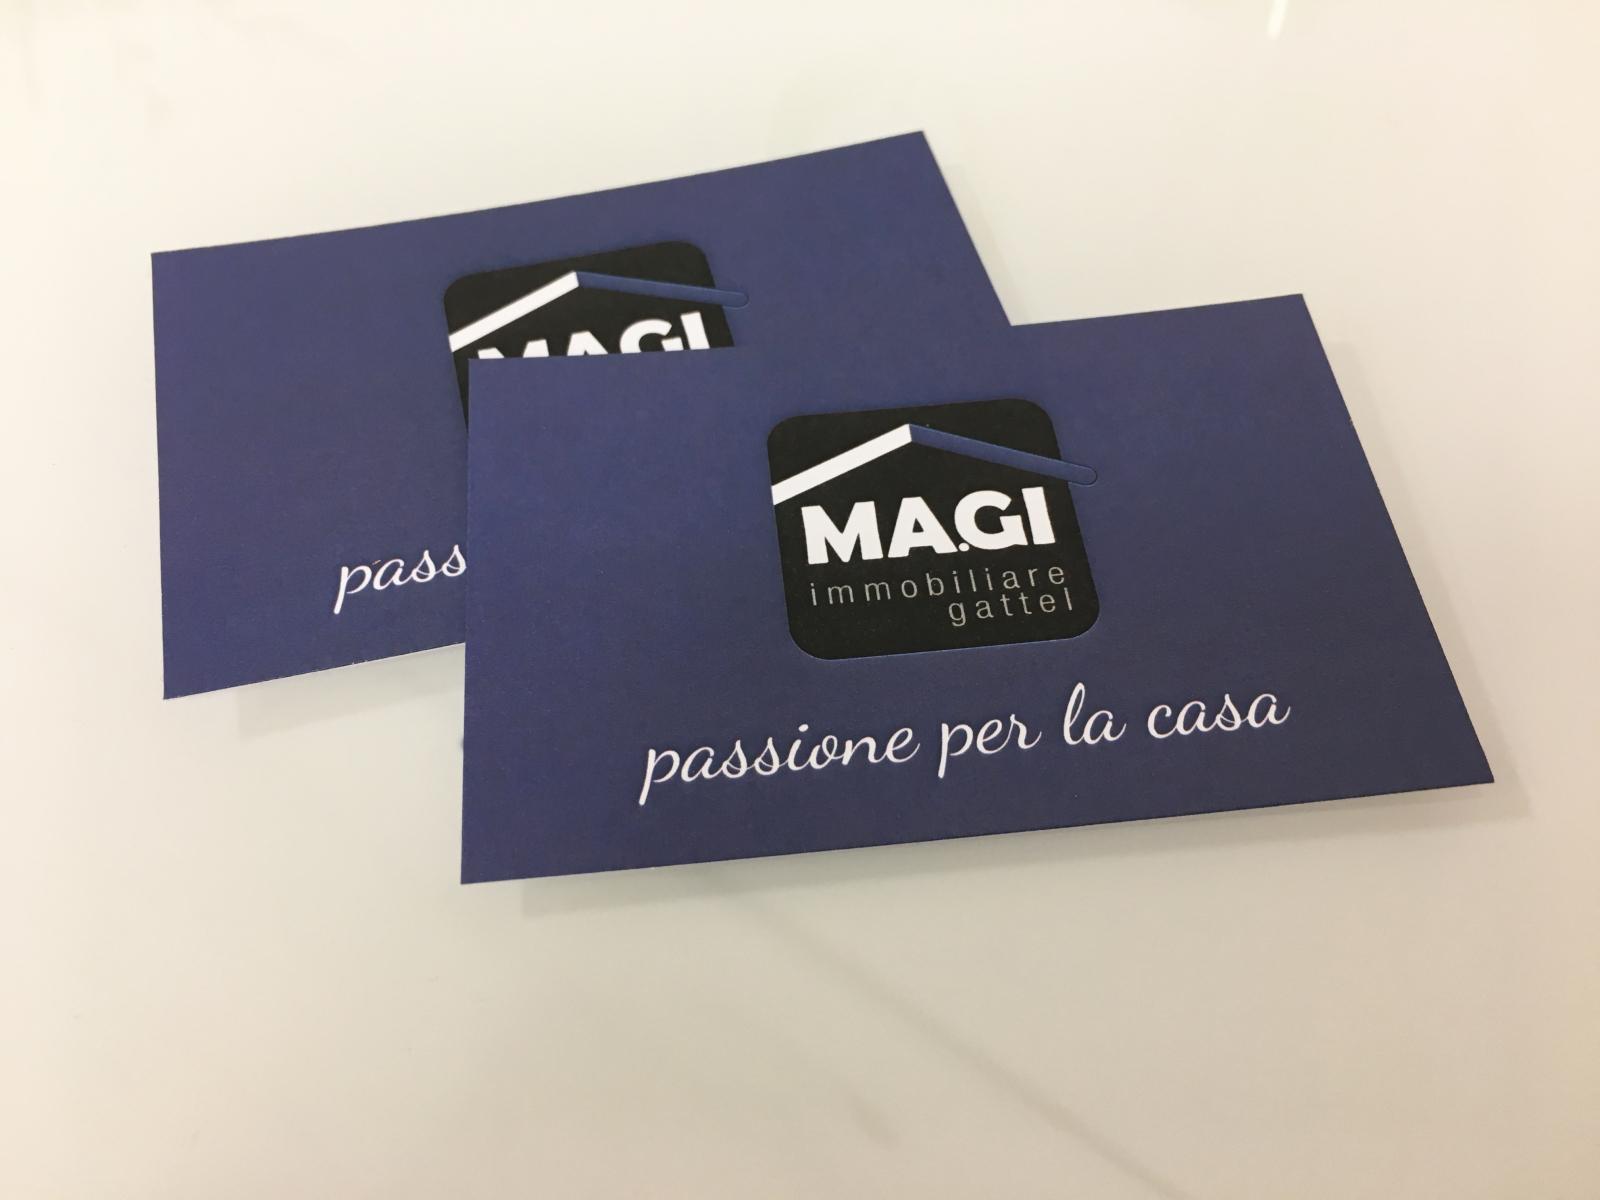 Stampa di biglietti da visita a Venezia, bigliettini stampa online